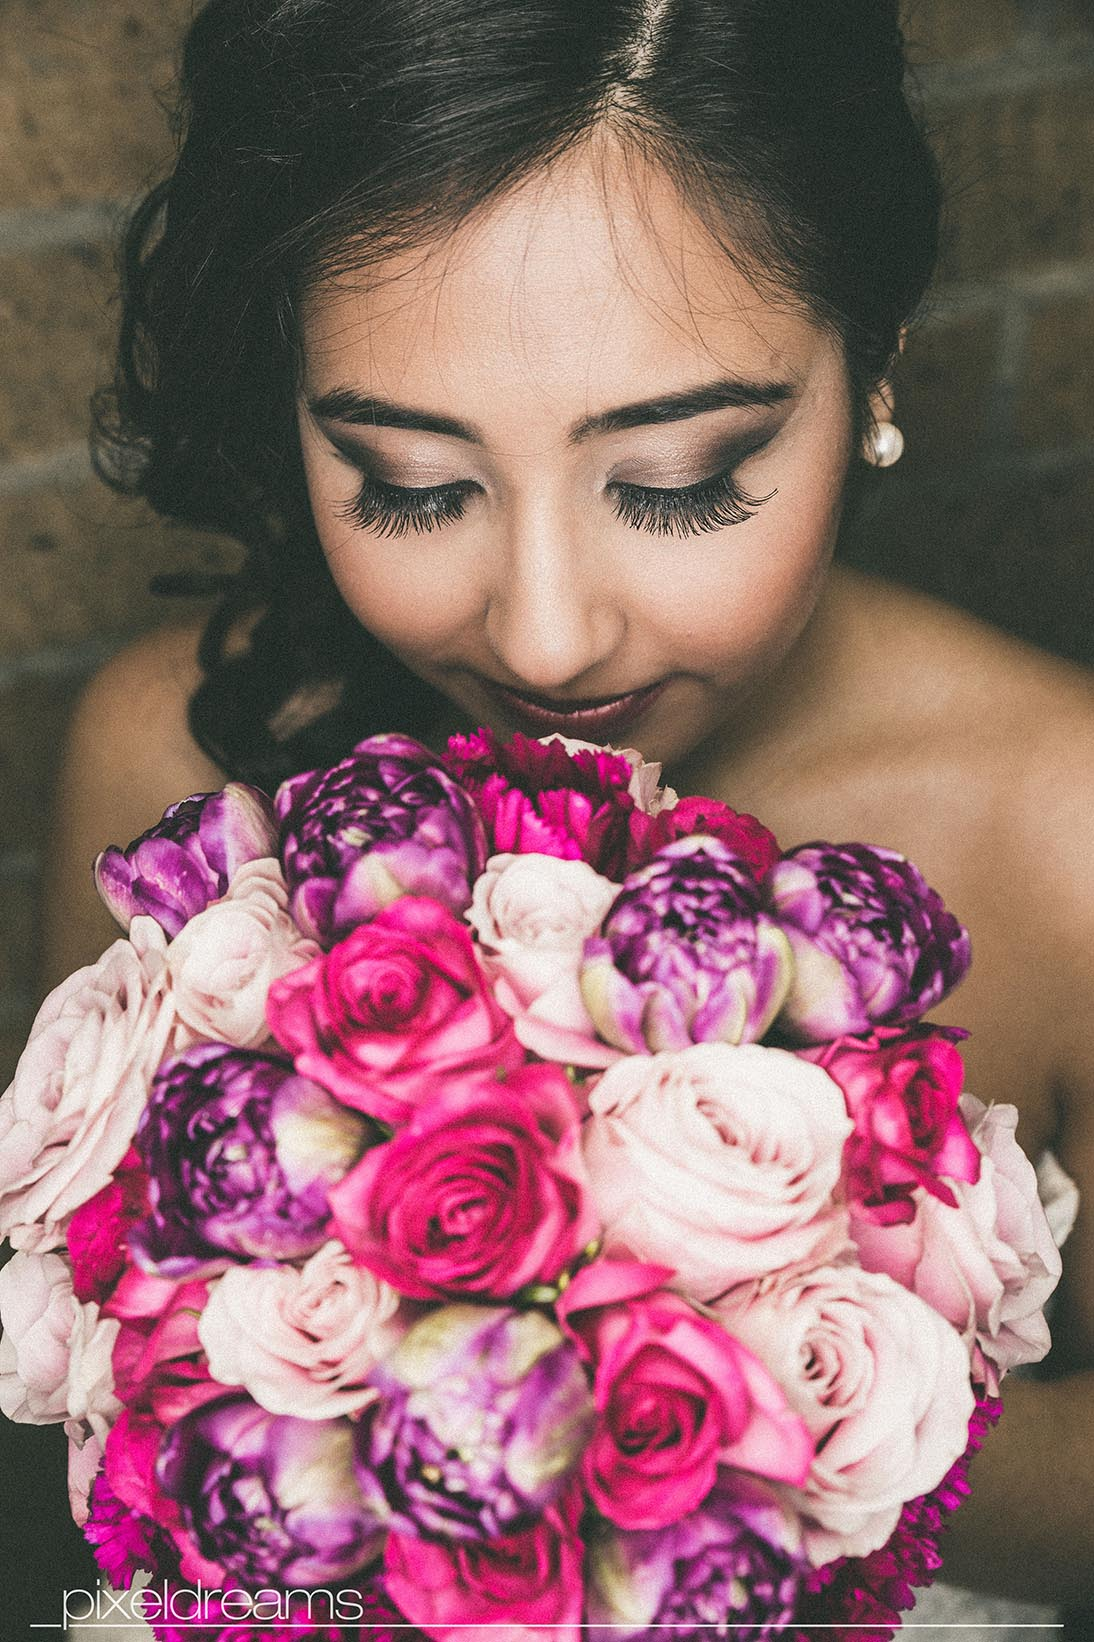 wundervolle pose der Braut mit ihrem Brautstrauß in rosa lila und pink, Braut Make up künstliche Wimpern und Brautfrisur im perfekten Einklang